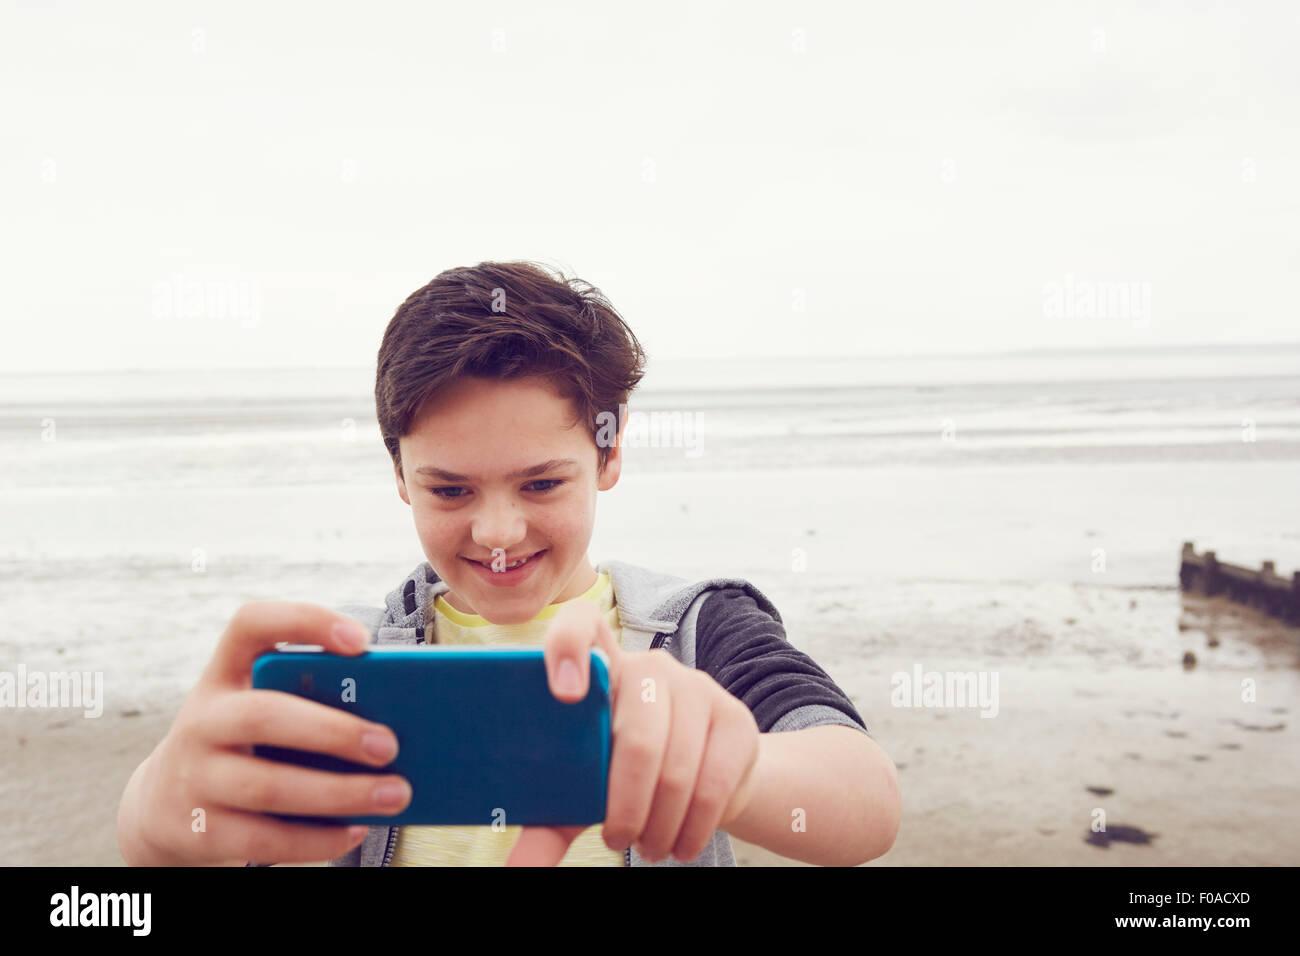 Sorridente ragazzo adolescente prendendo selfie dello smartphone al mare, Southend on Sea, Essex, Regno Unito Immagini Stock